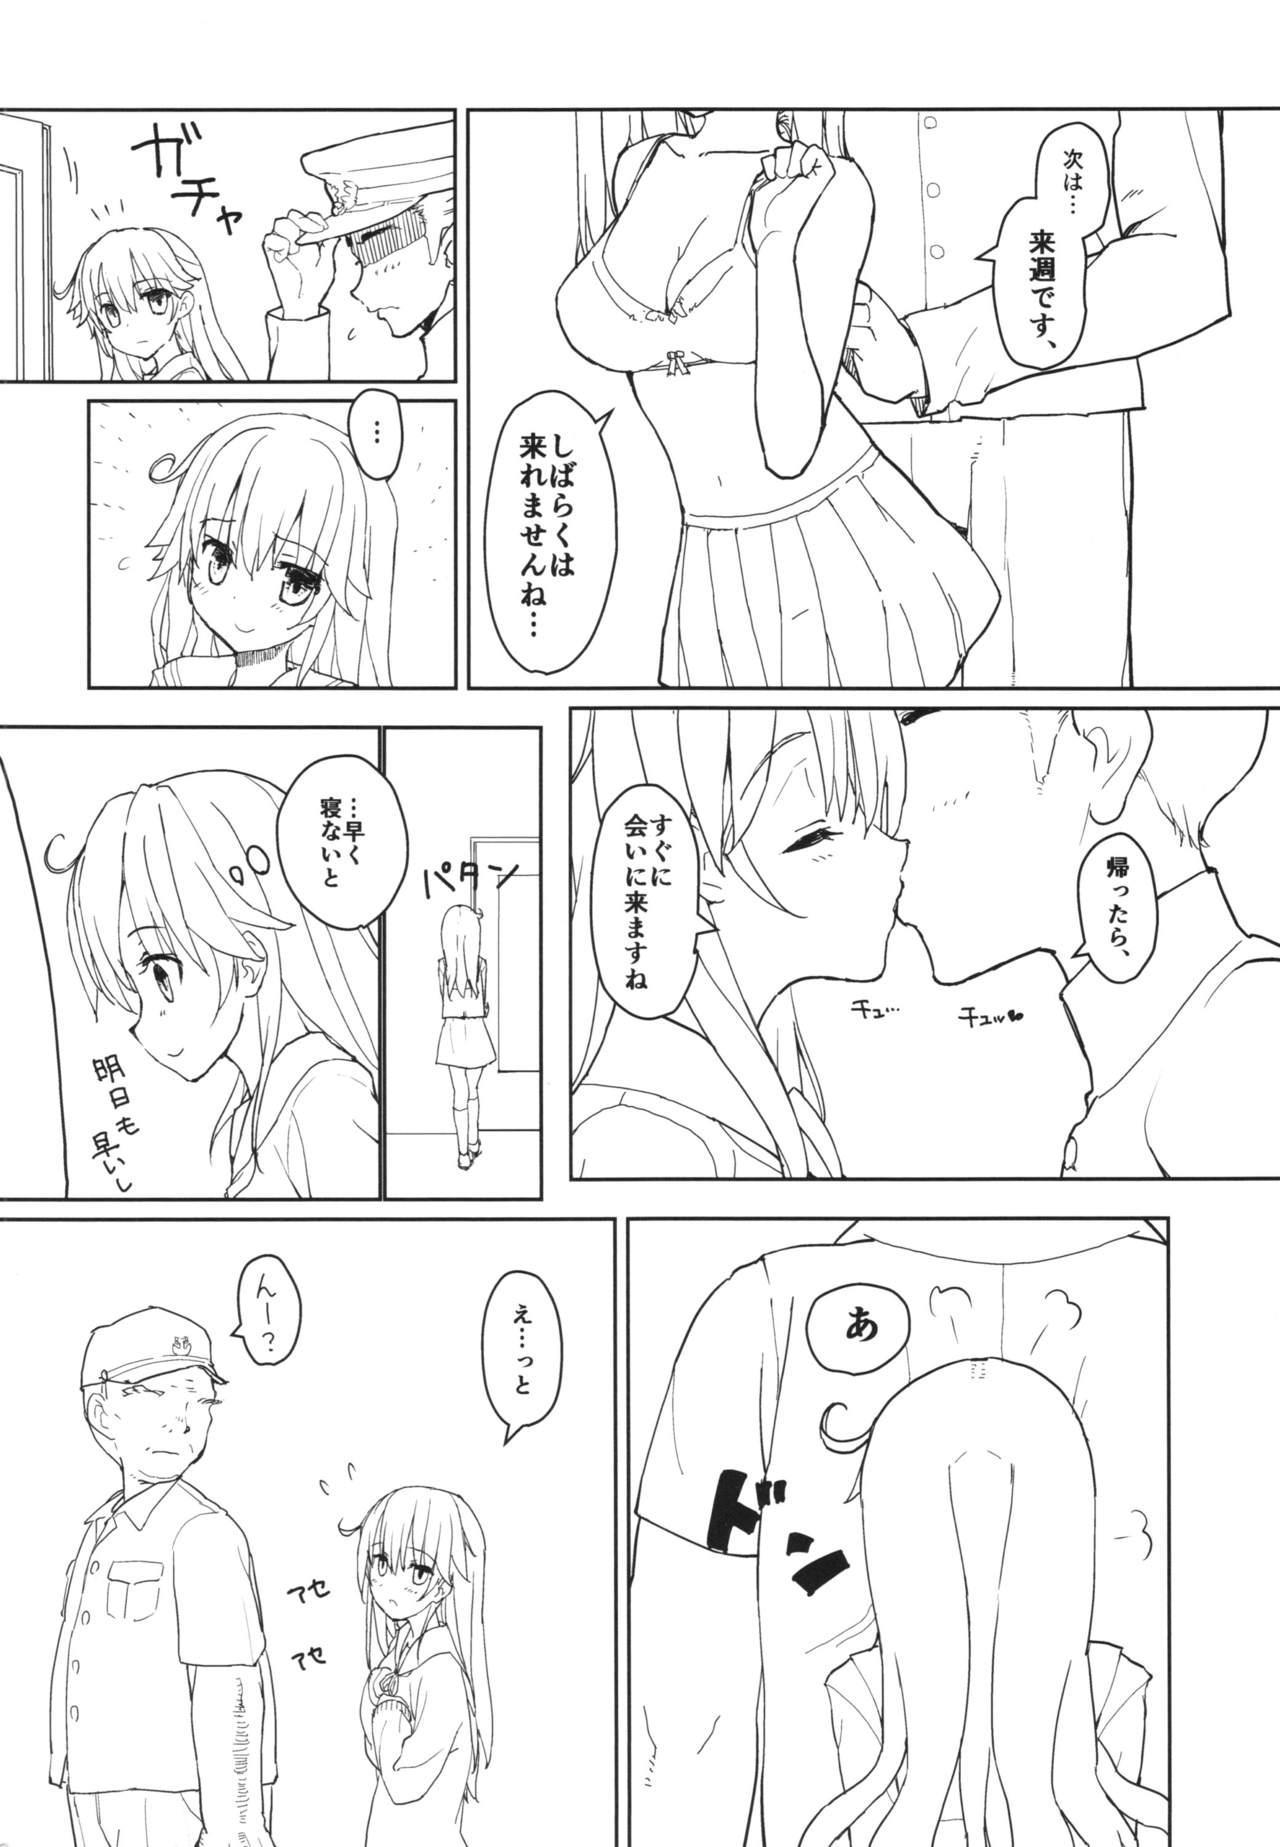 Ushio no Onsen Kuchikukan 3